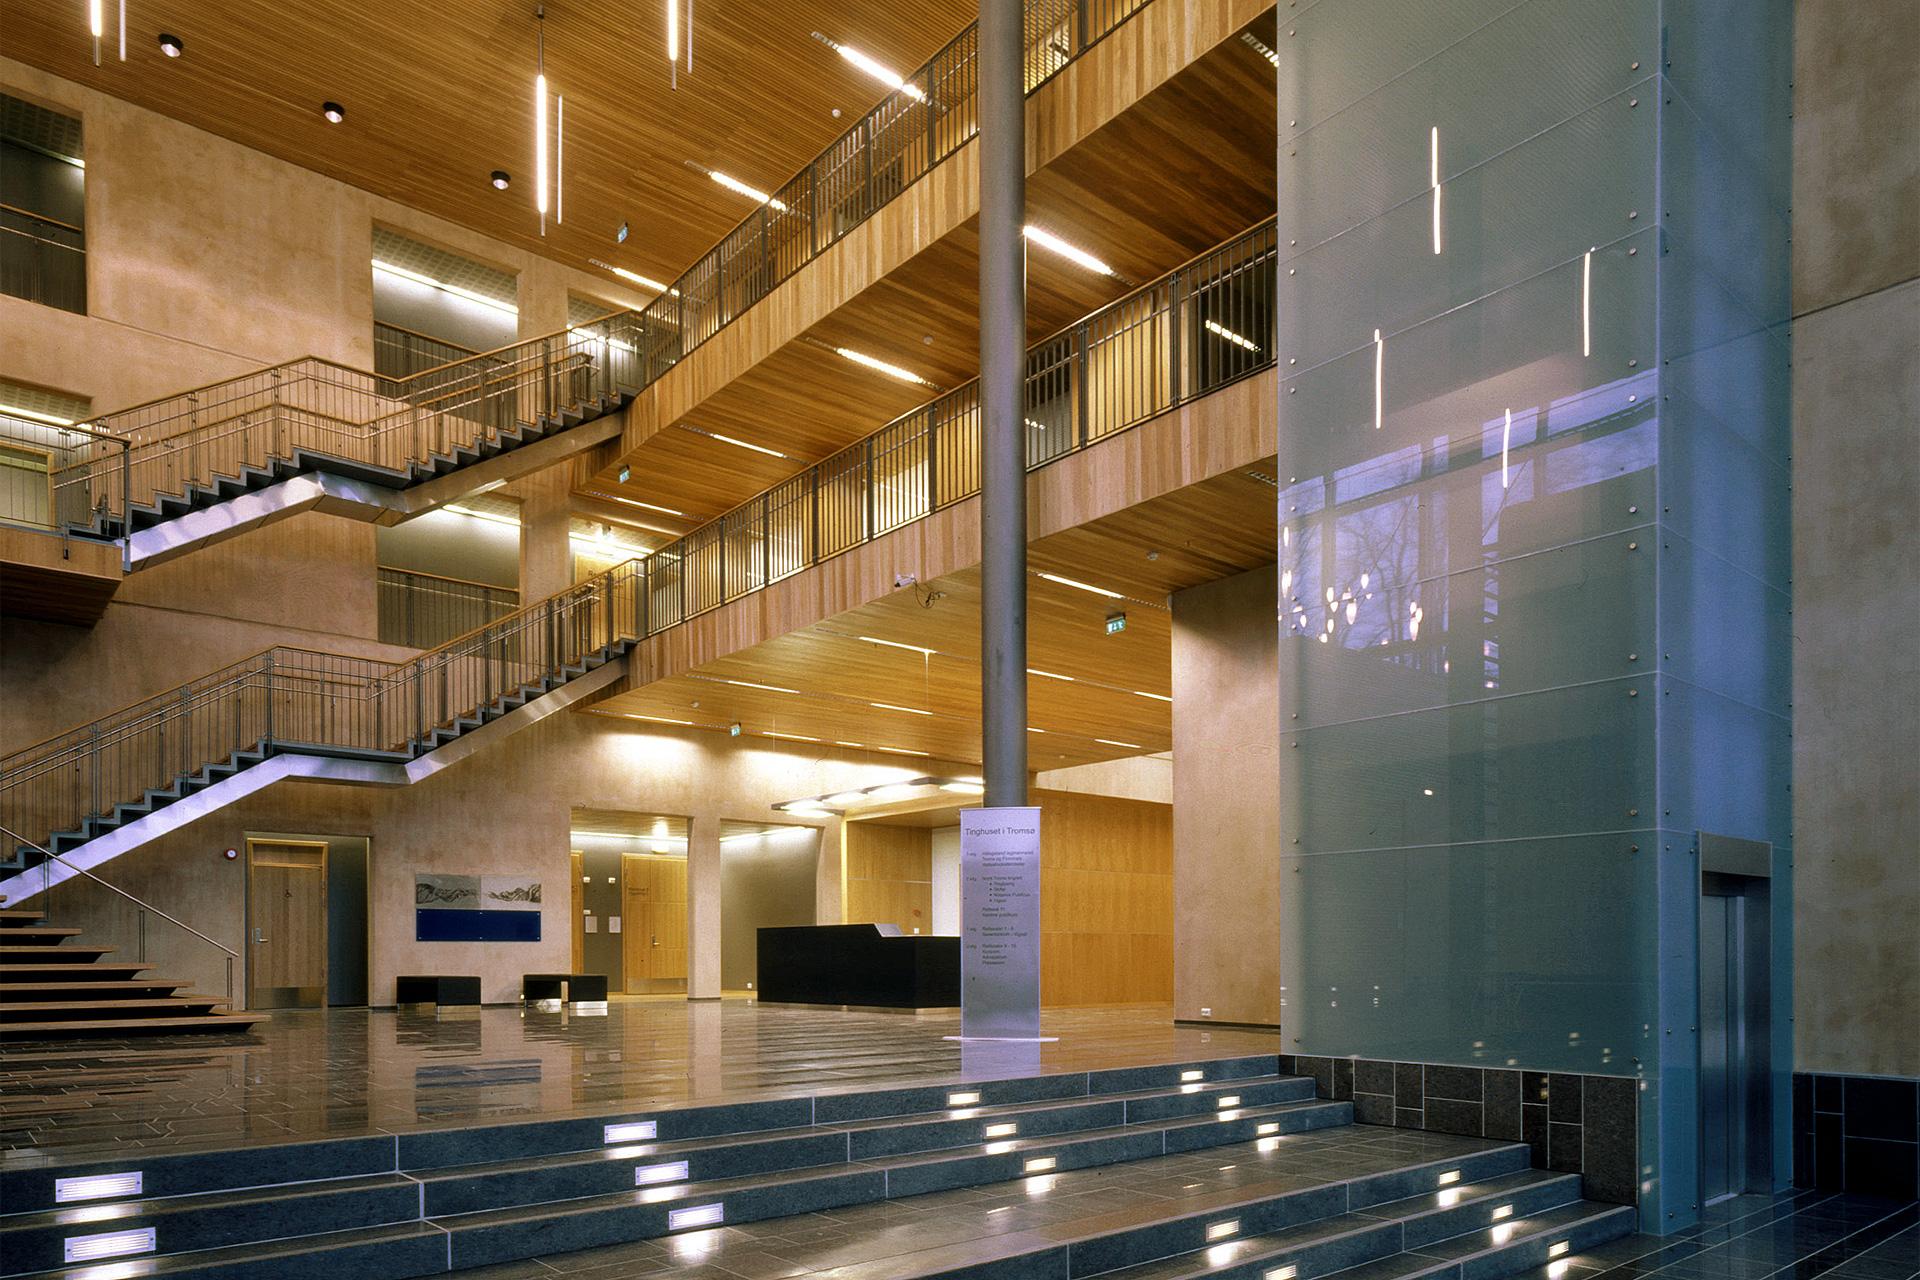 Arkitekt tromso u2013 Leiligheten dekor